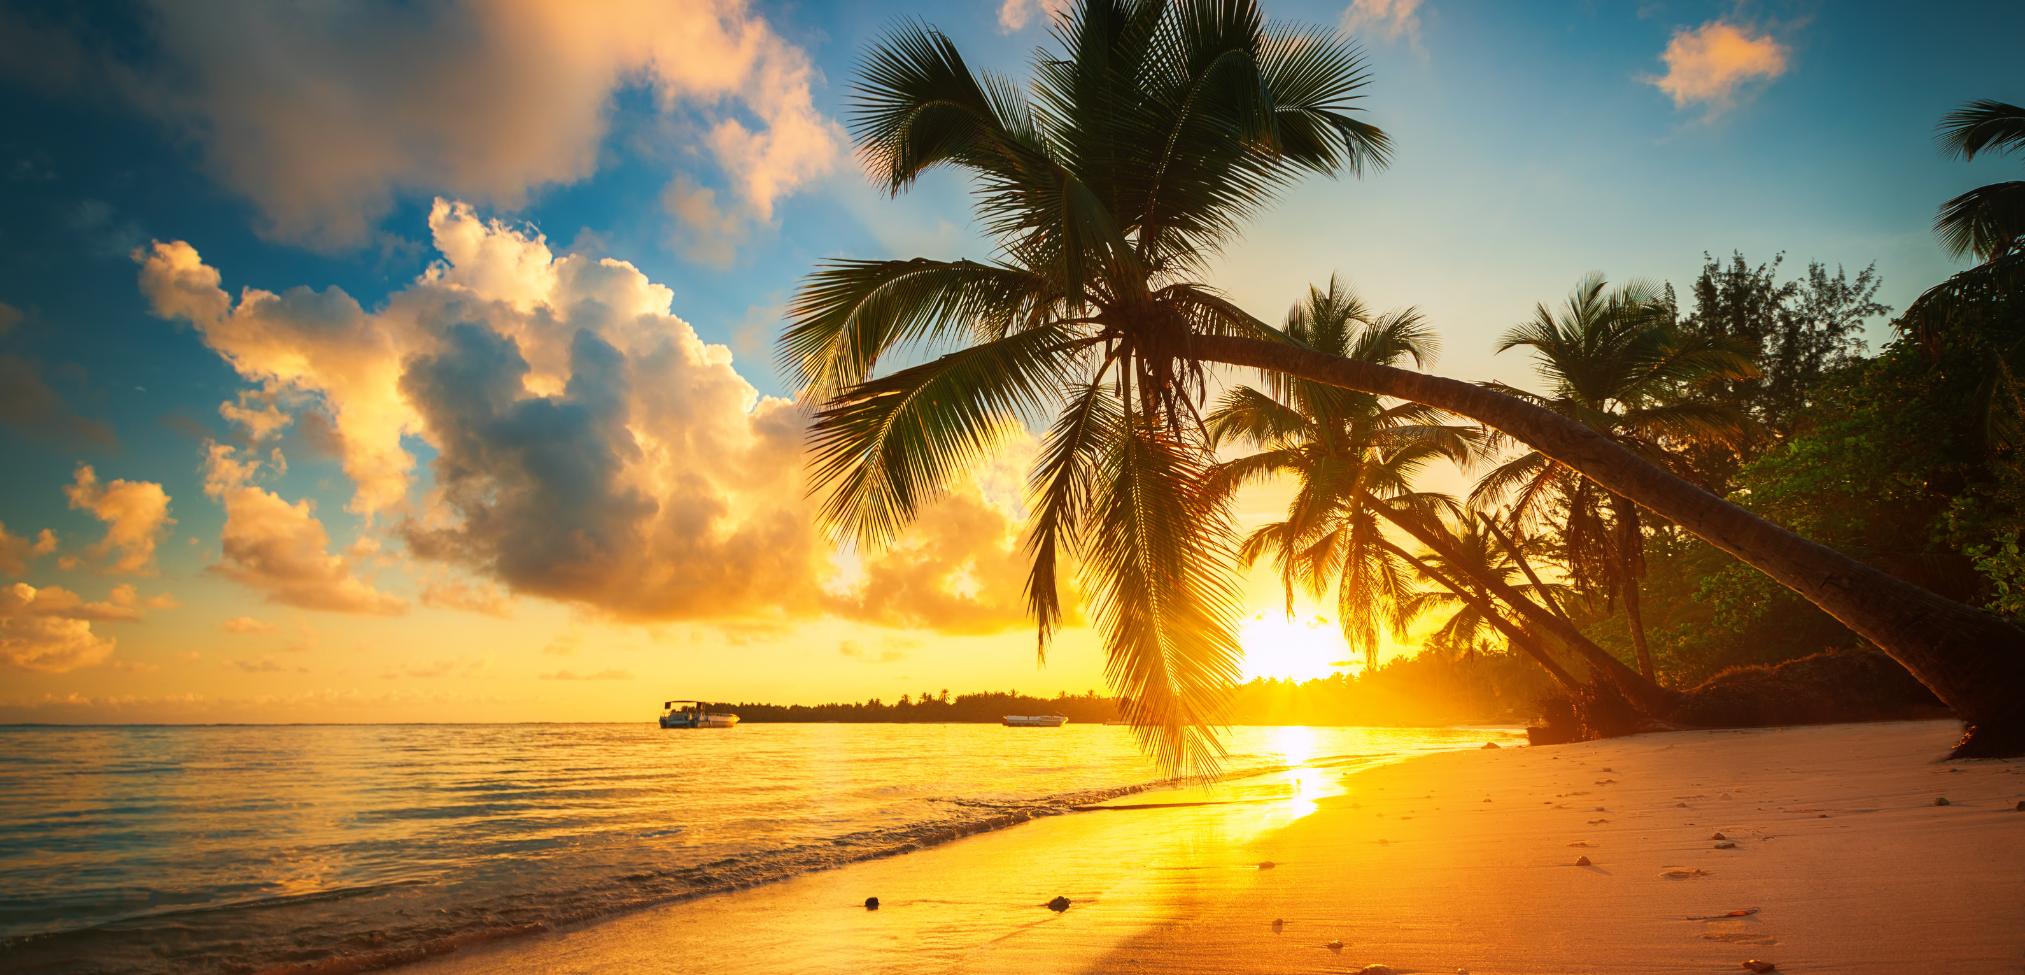 Sonnenuntergang Dominikanische Republik Sehenswürdigkeiten